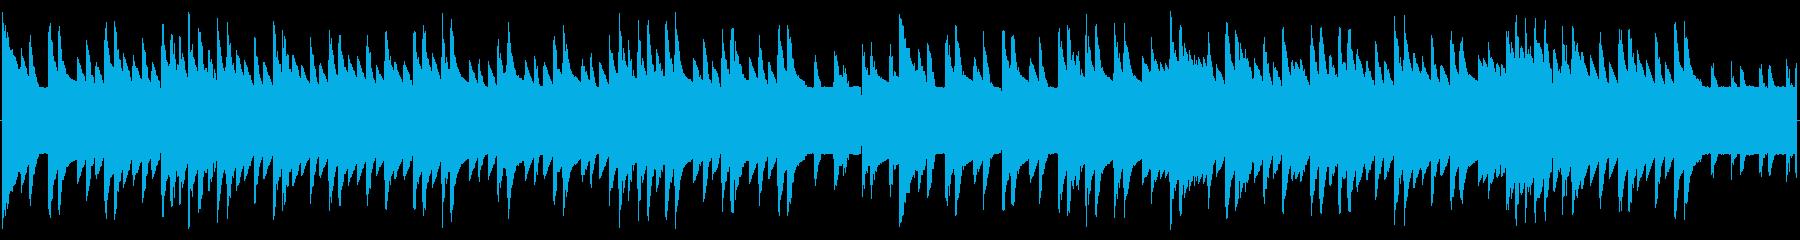 チップチューンの短いジャズループ4の再生済みの波形